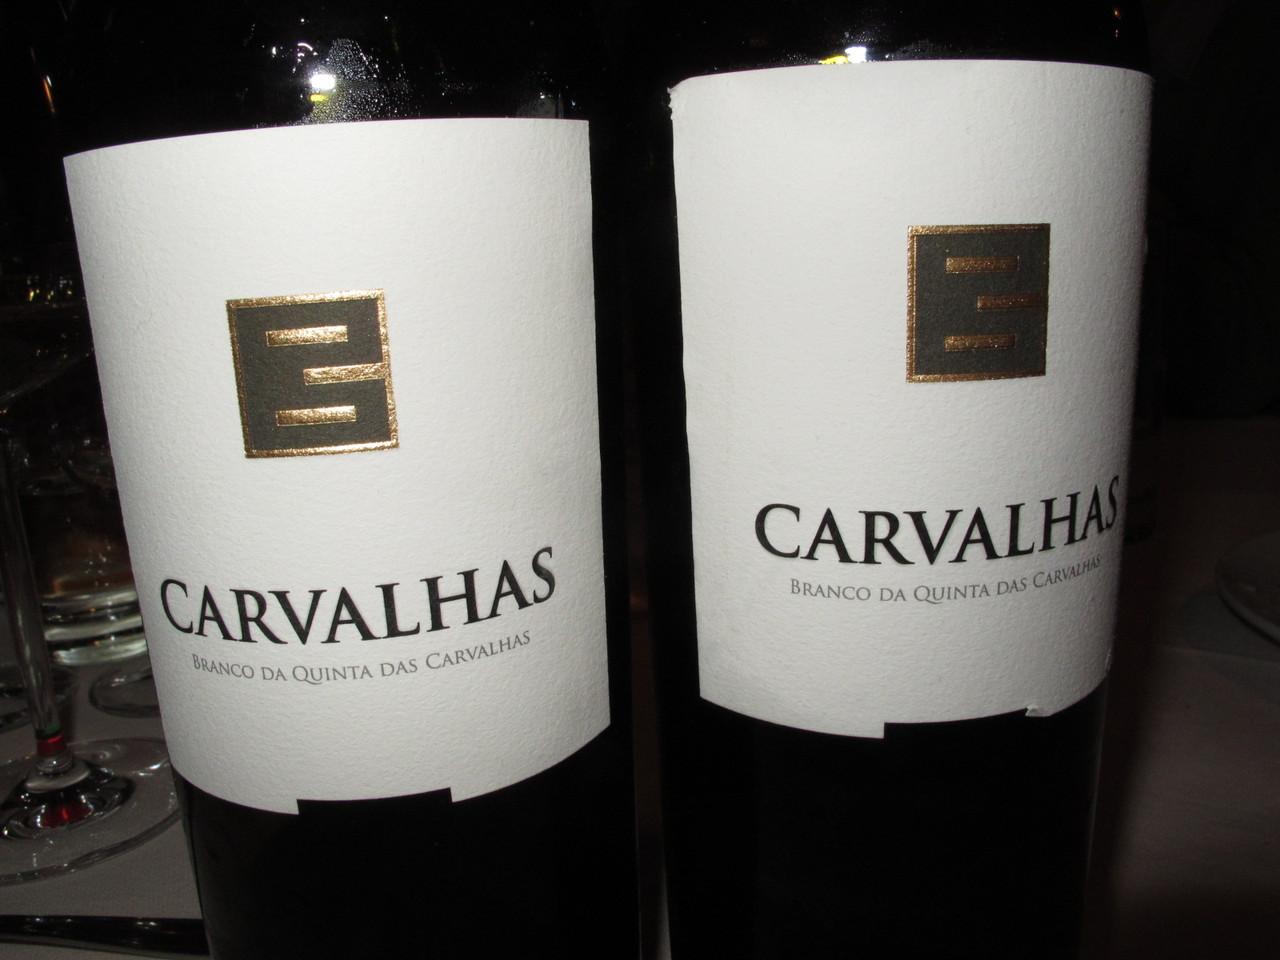 Carvalhas branco 2011 e 2010